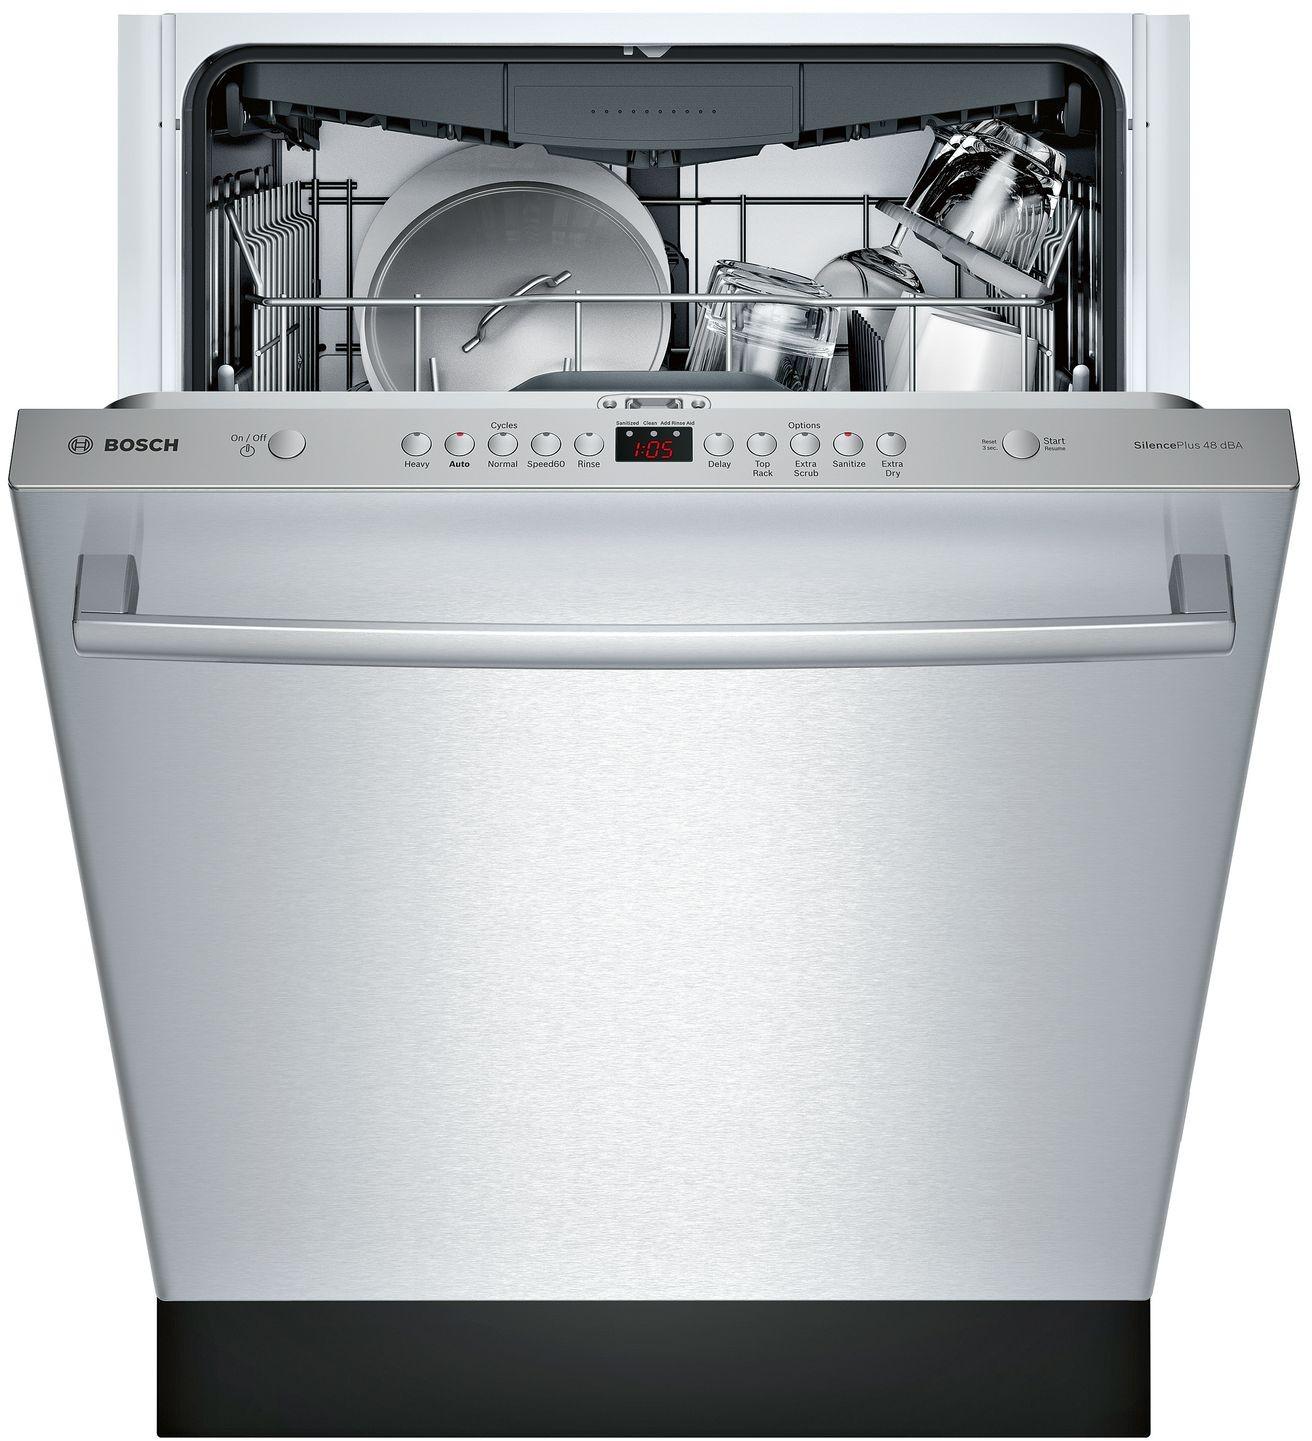 Bosch 24 100 Series Black Built-In Dishwasher